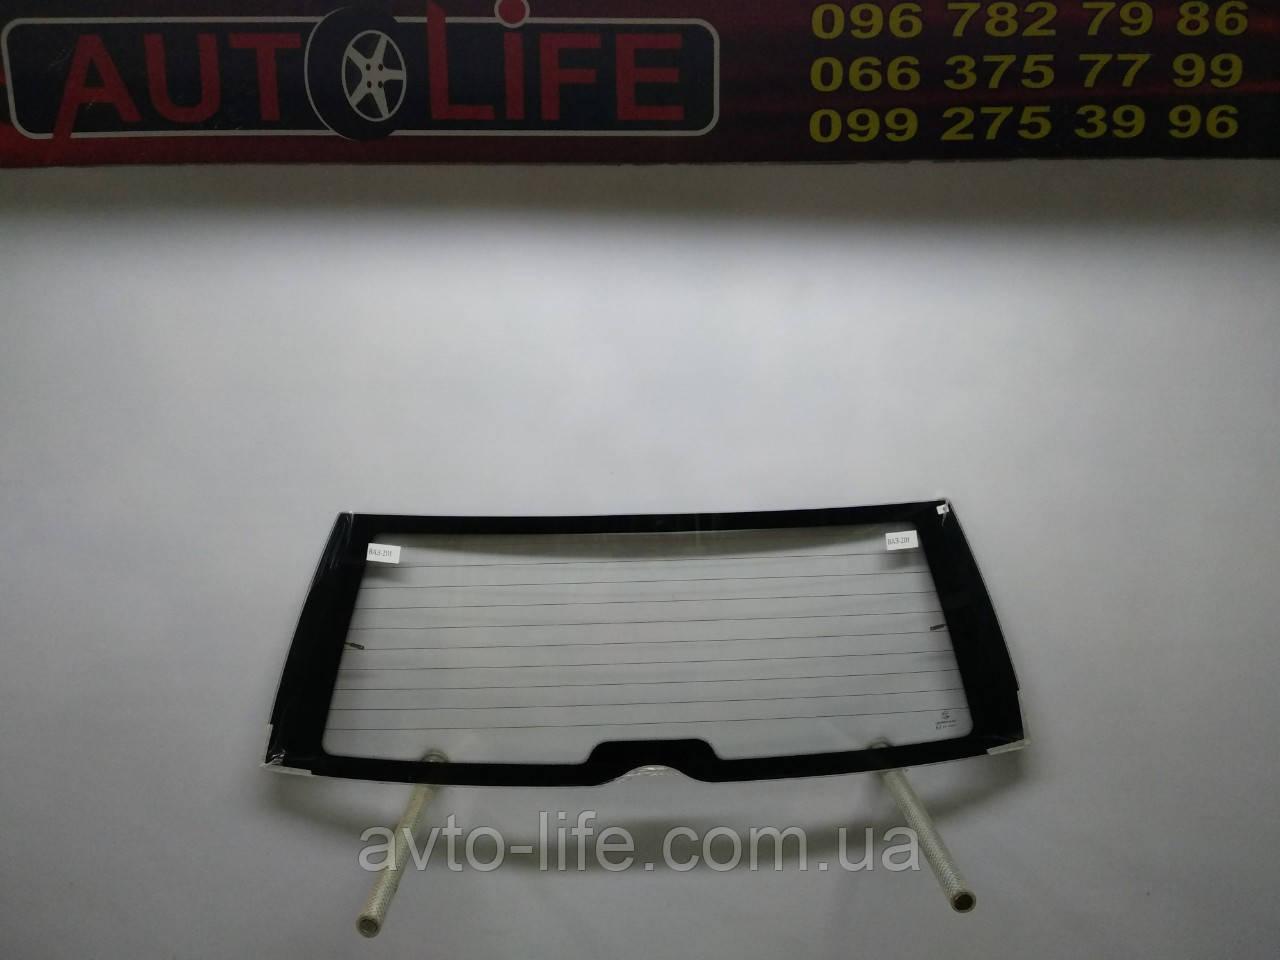 Заднее стекло ВАЗ 2111 с обогревом | Заднє скло Лада 111 | Замена заднего стекла на ВАЗ 2111